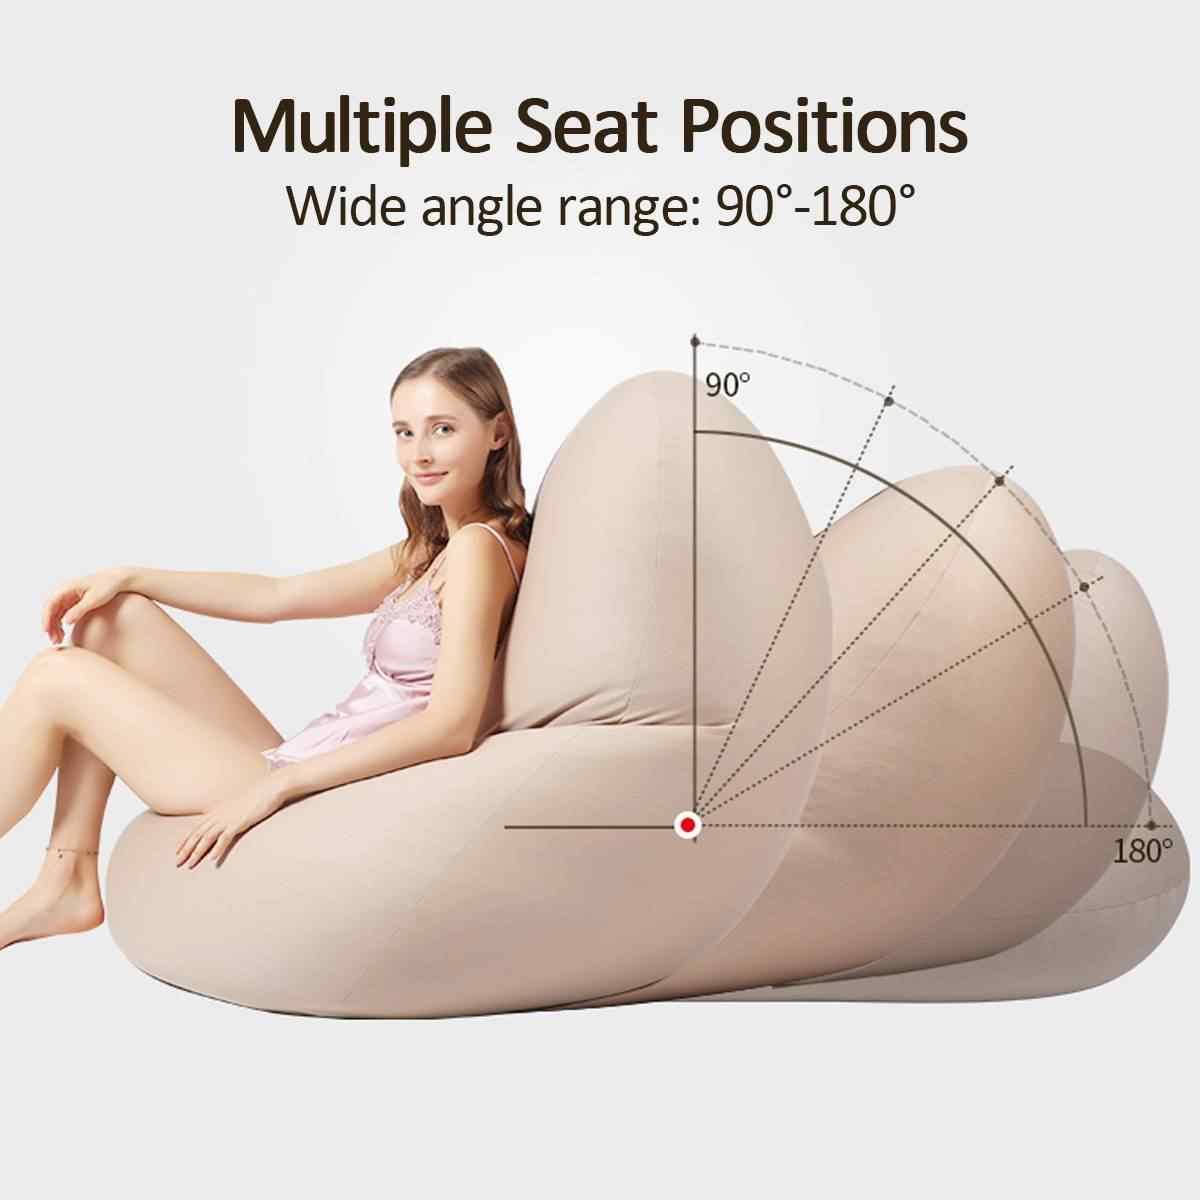 Водонепроницаемый уютное кресло-мешок покрывало на диван стулья без наполнителя льняной ткани лежак сиденье мешок фасоли пуф Puff диване татами Гостиная